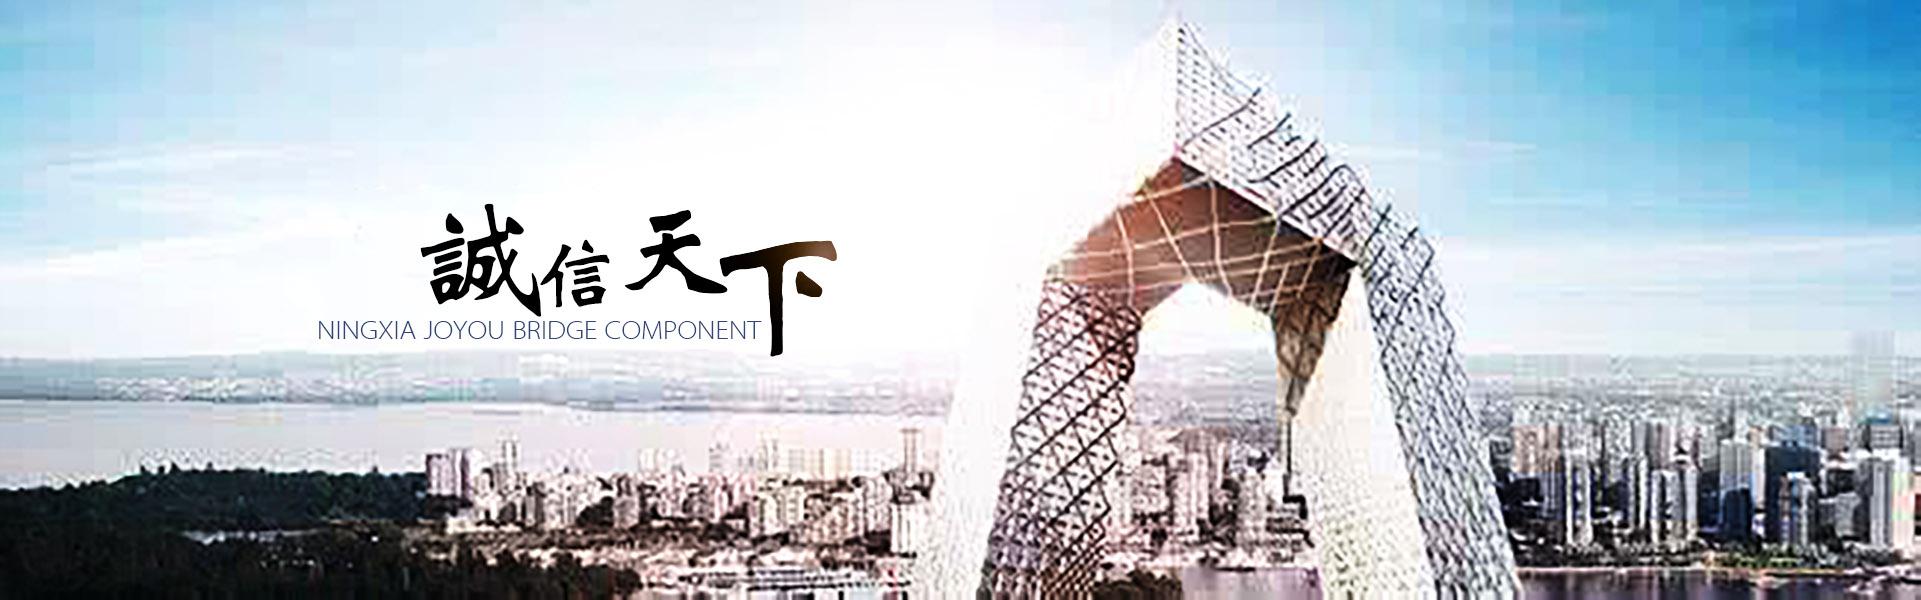 宁夏中宇桥架构件有限公司